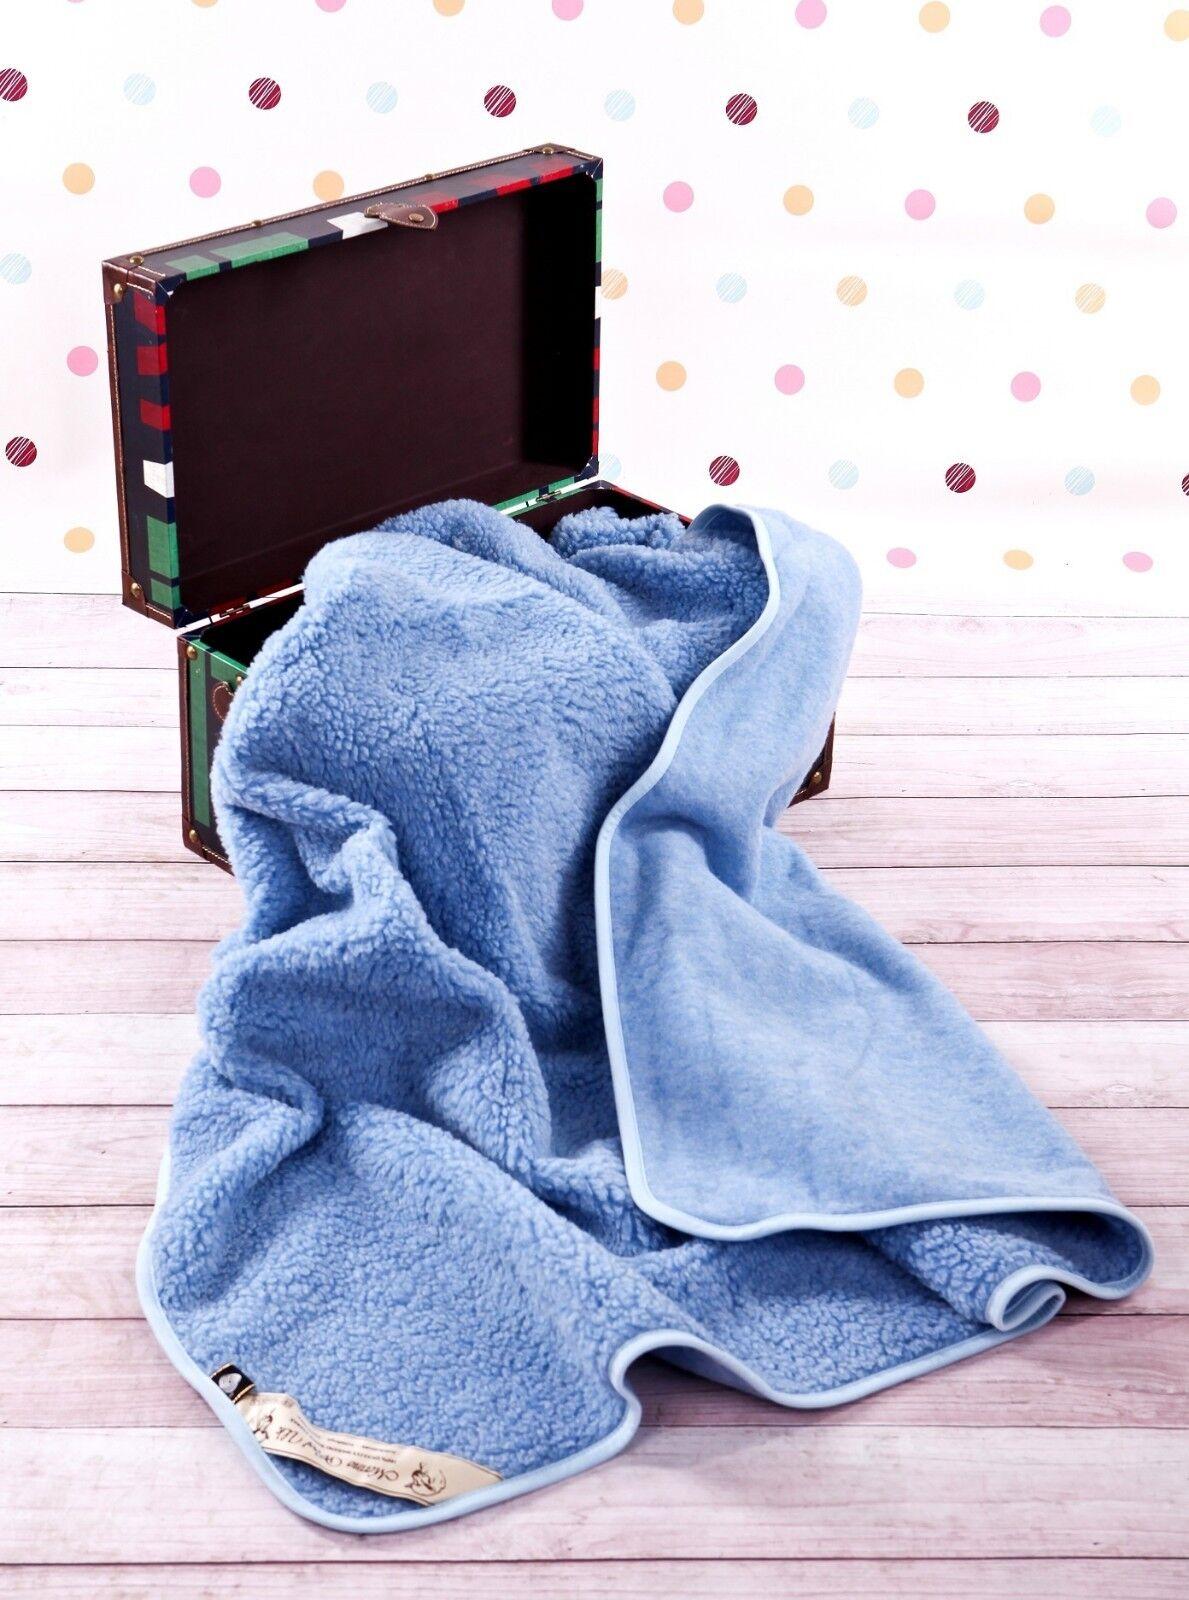 100% Merino Wool Bambino Junior Bambini Coperta 150 x 120 cm Nuovo blue